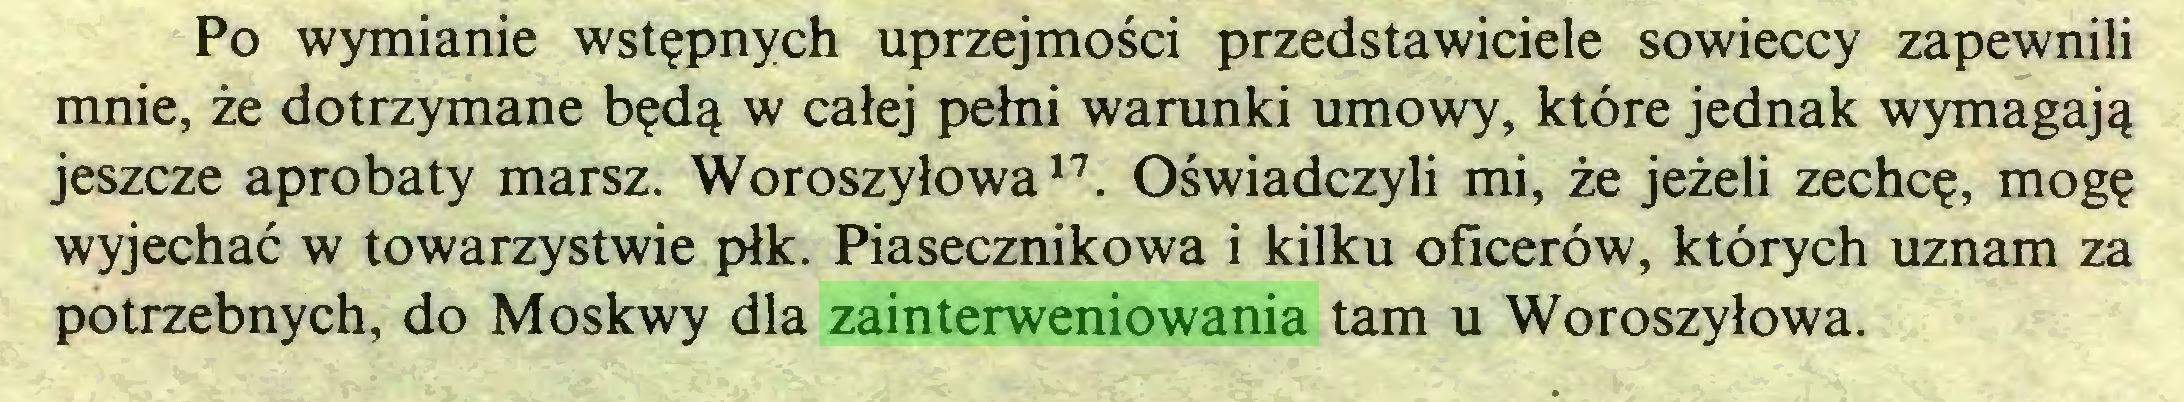 (...) Po wymianie wstępnych uprzejmości przedstawiciele sowieccy zapewnili mnie, że dotrzymane będą w całej pełni warunki umowy, które jednak wymagają jeszcze aprobaty marsz. Woroszyłowa17. Oświadczyli mi, że jeżeli zechcę, mogę wyjechać w towarzystwie płk. Piasecznikowa i kilku oficerów, których uznam za potrzebnych, do Moskwy dla zainterweniowania tam u Woroszyłowa...